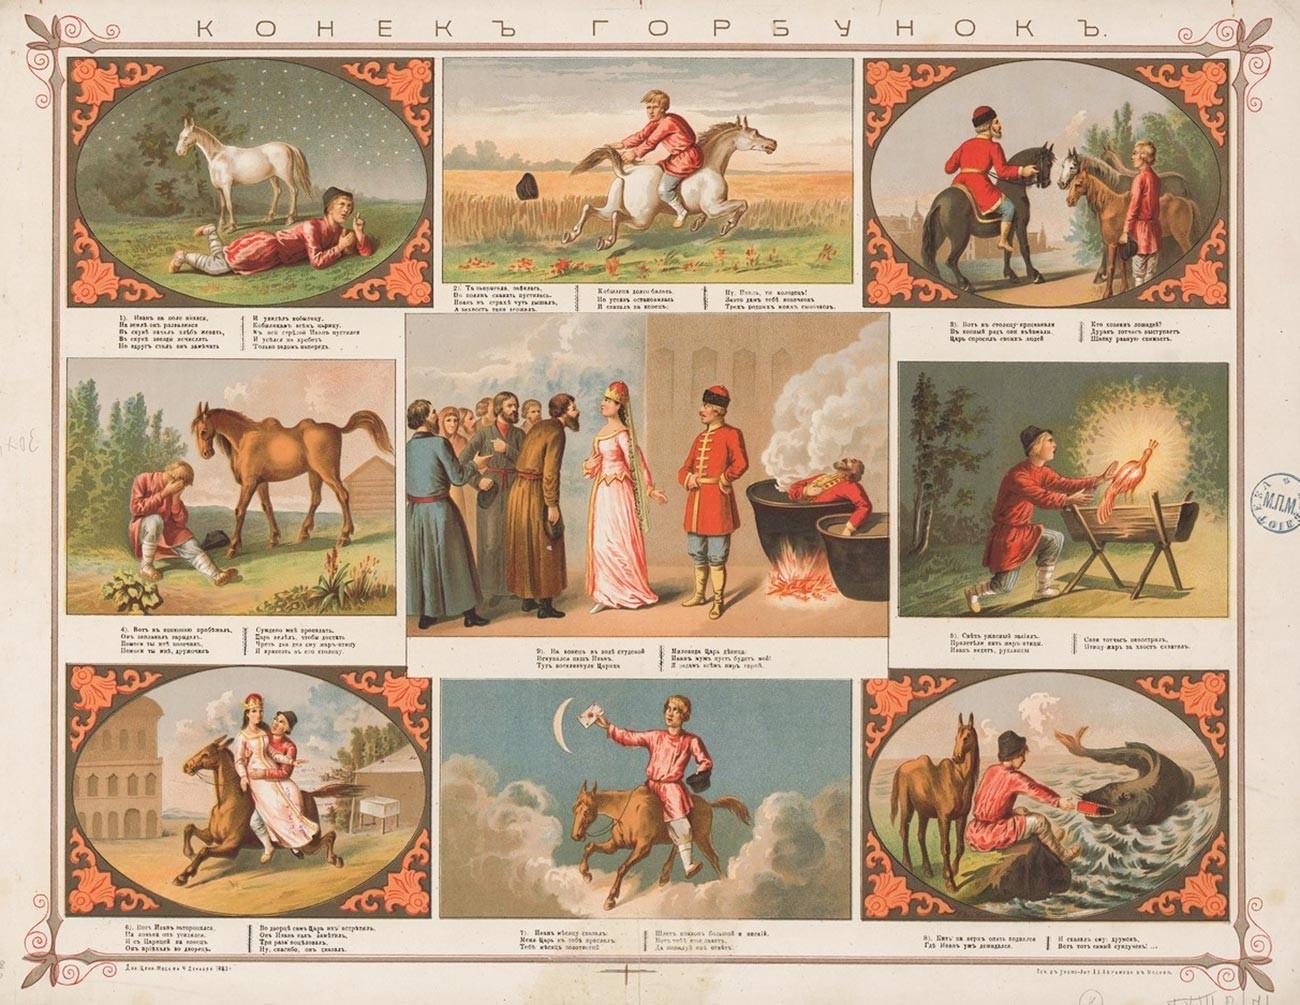 ルボーク「せむしの仔馬」、19世紀